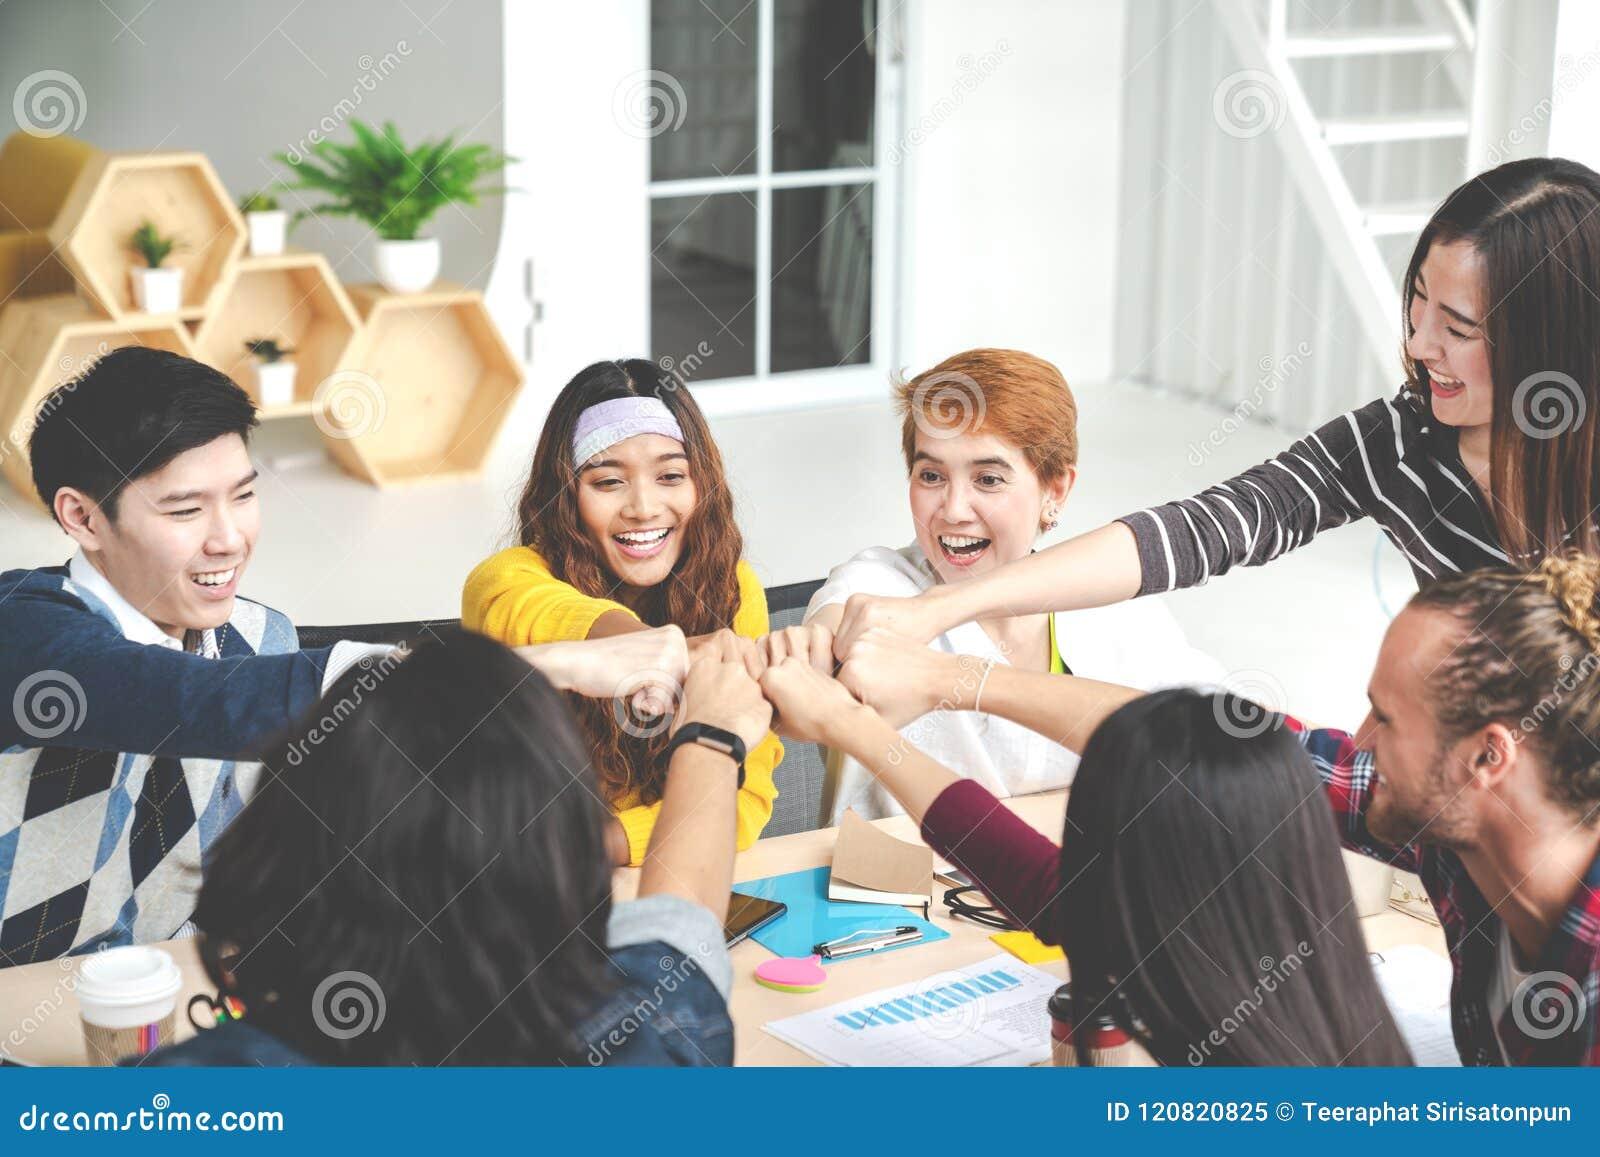 De multi-etnische jonge handen van de teamstapel samen als eenheid en groepswerk in modern bureau De diverse samenwerking van de